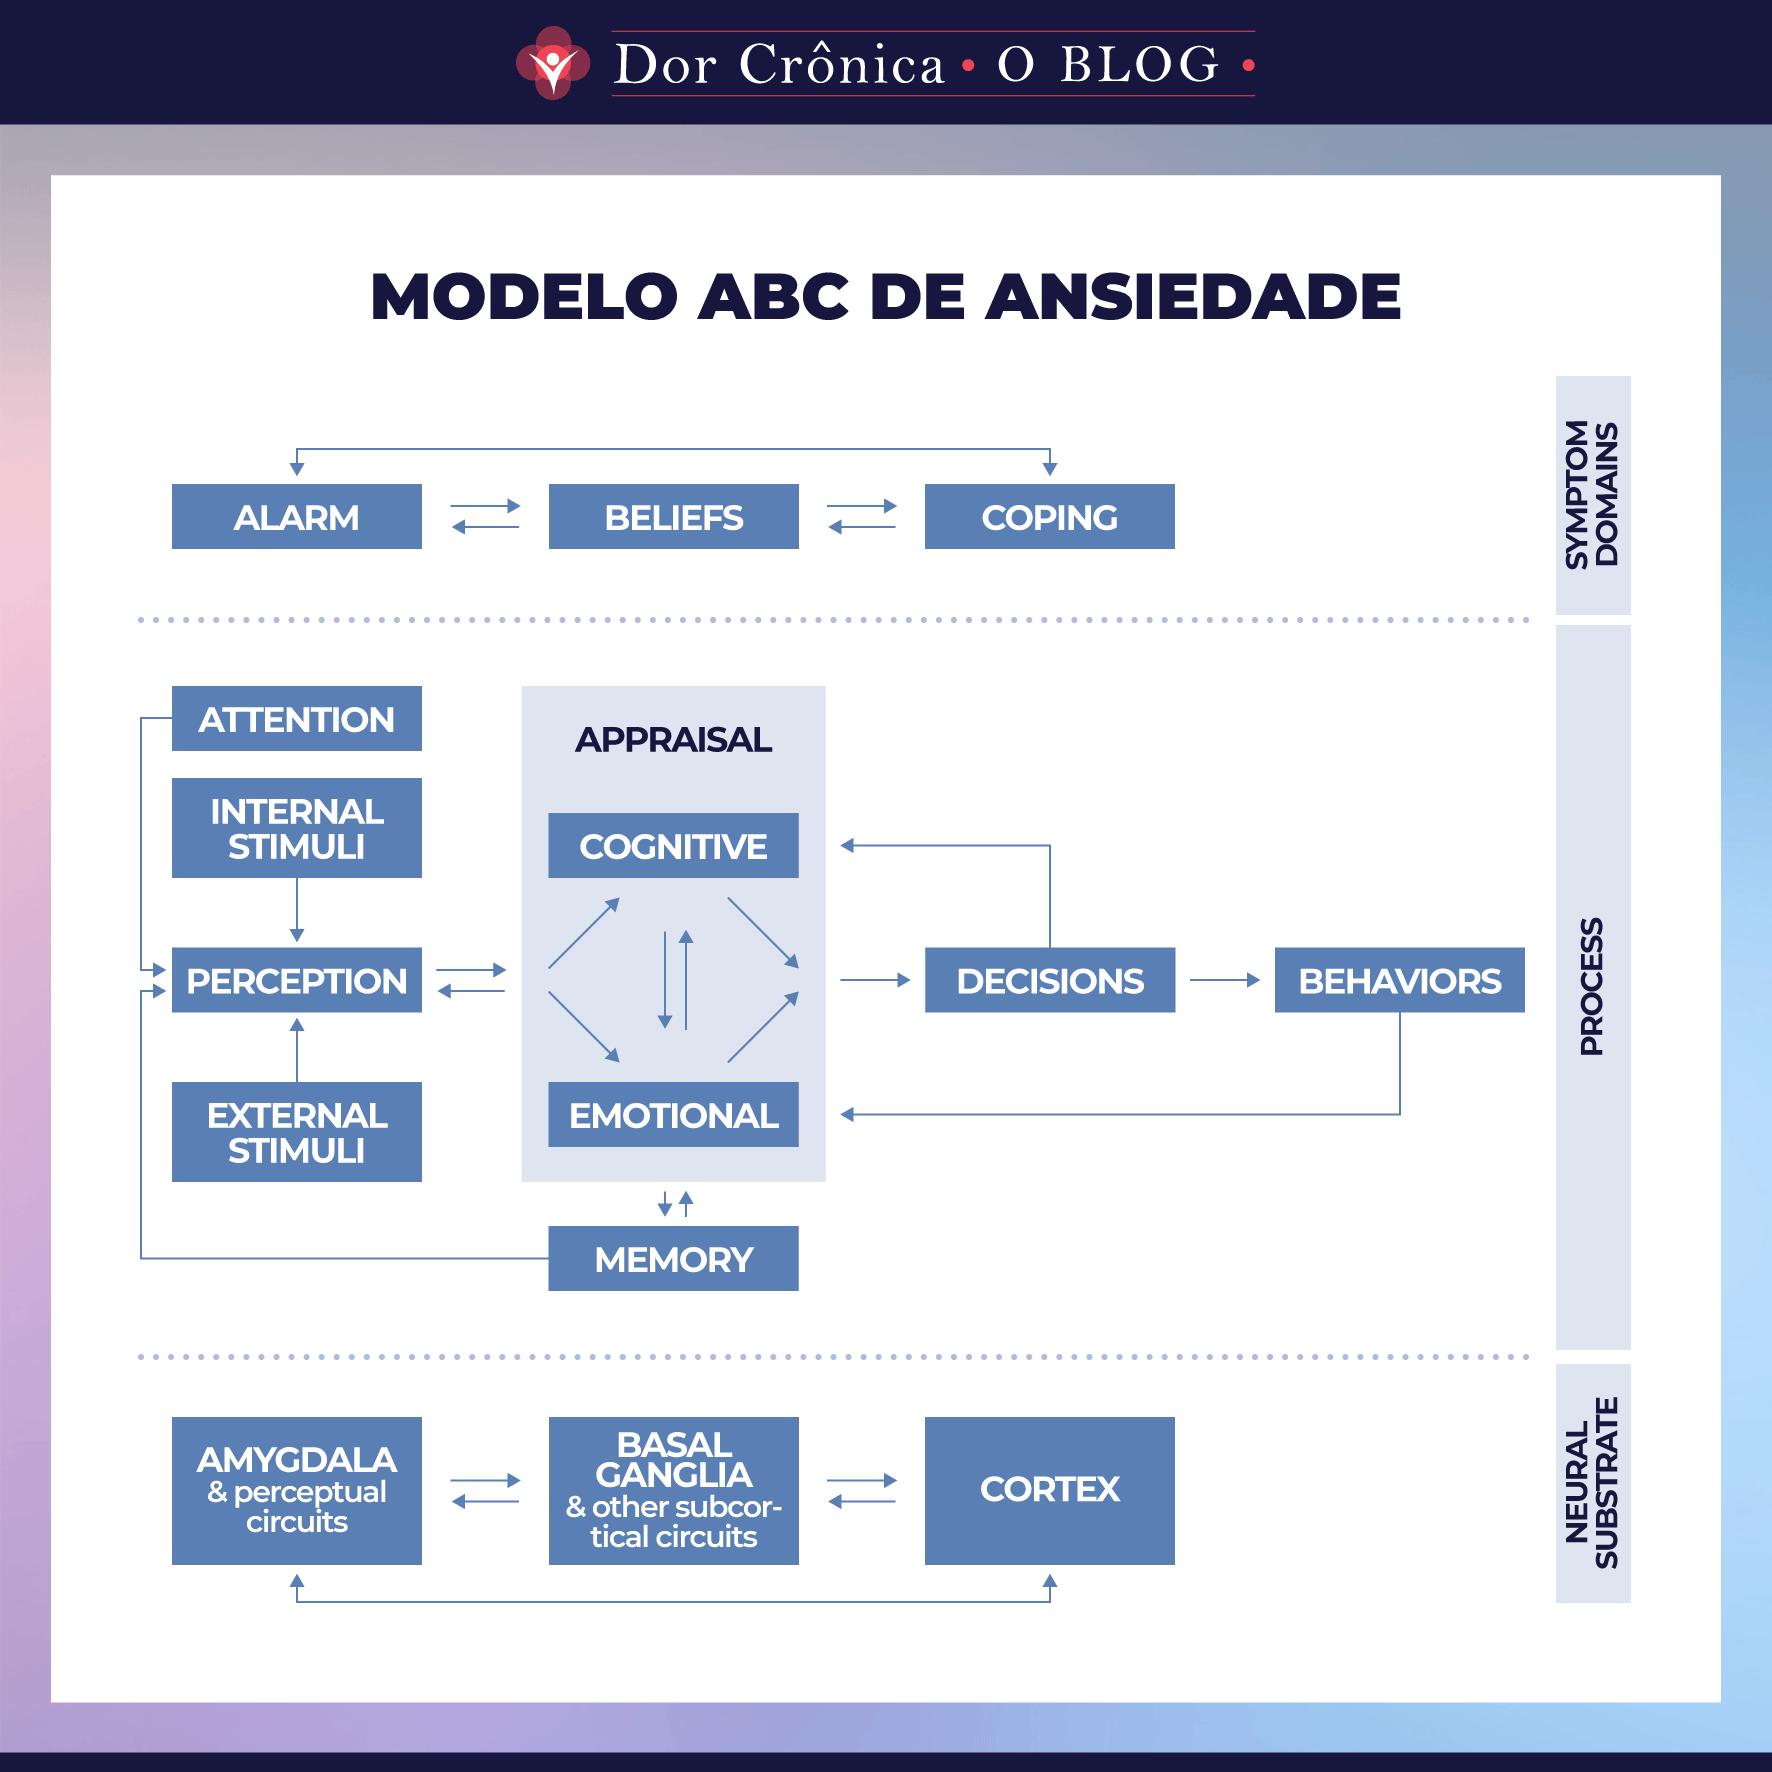 Modelo ABC de ansiedade